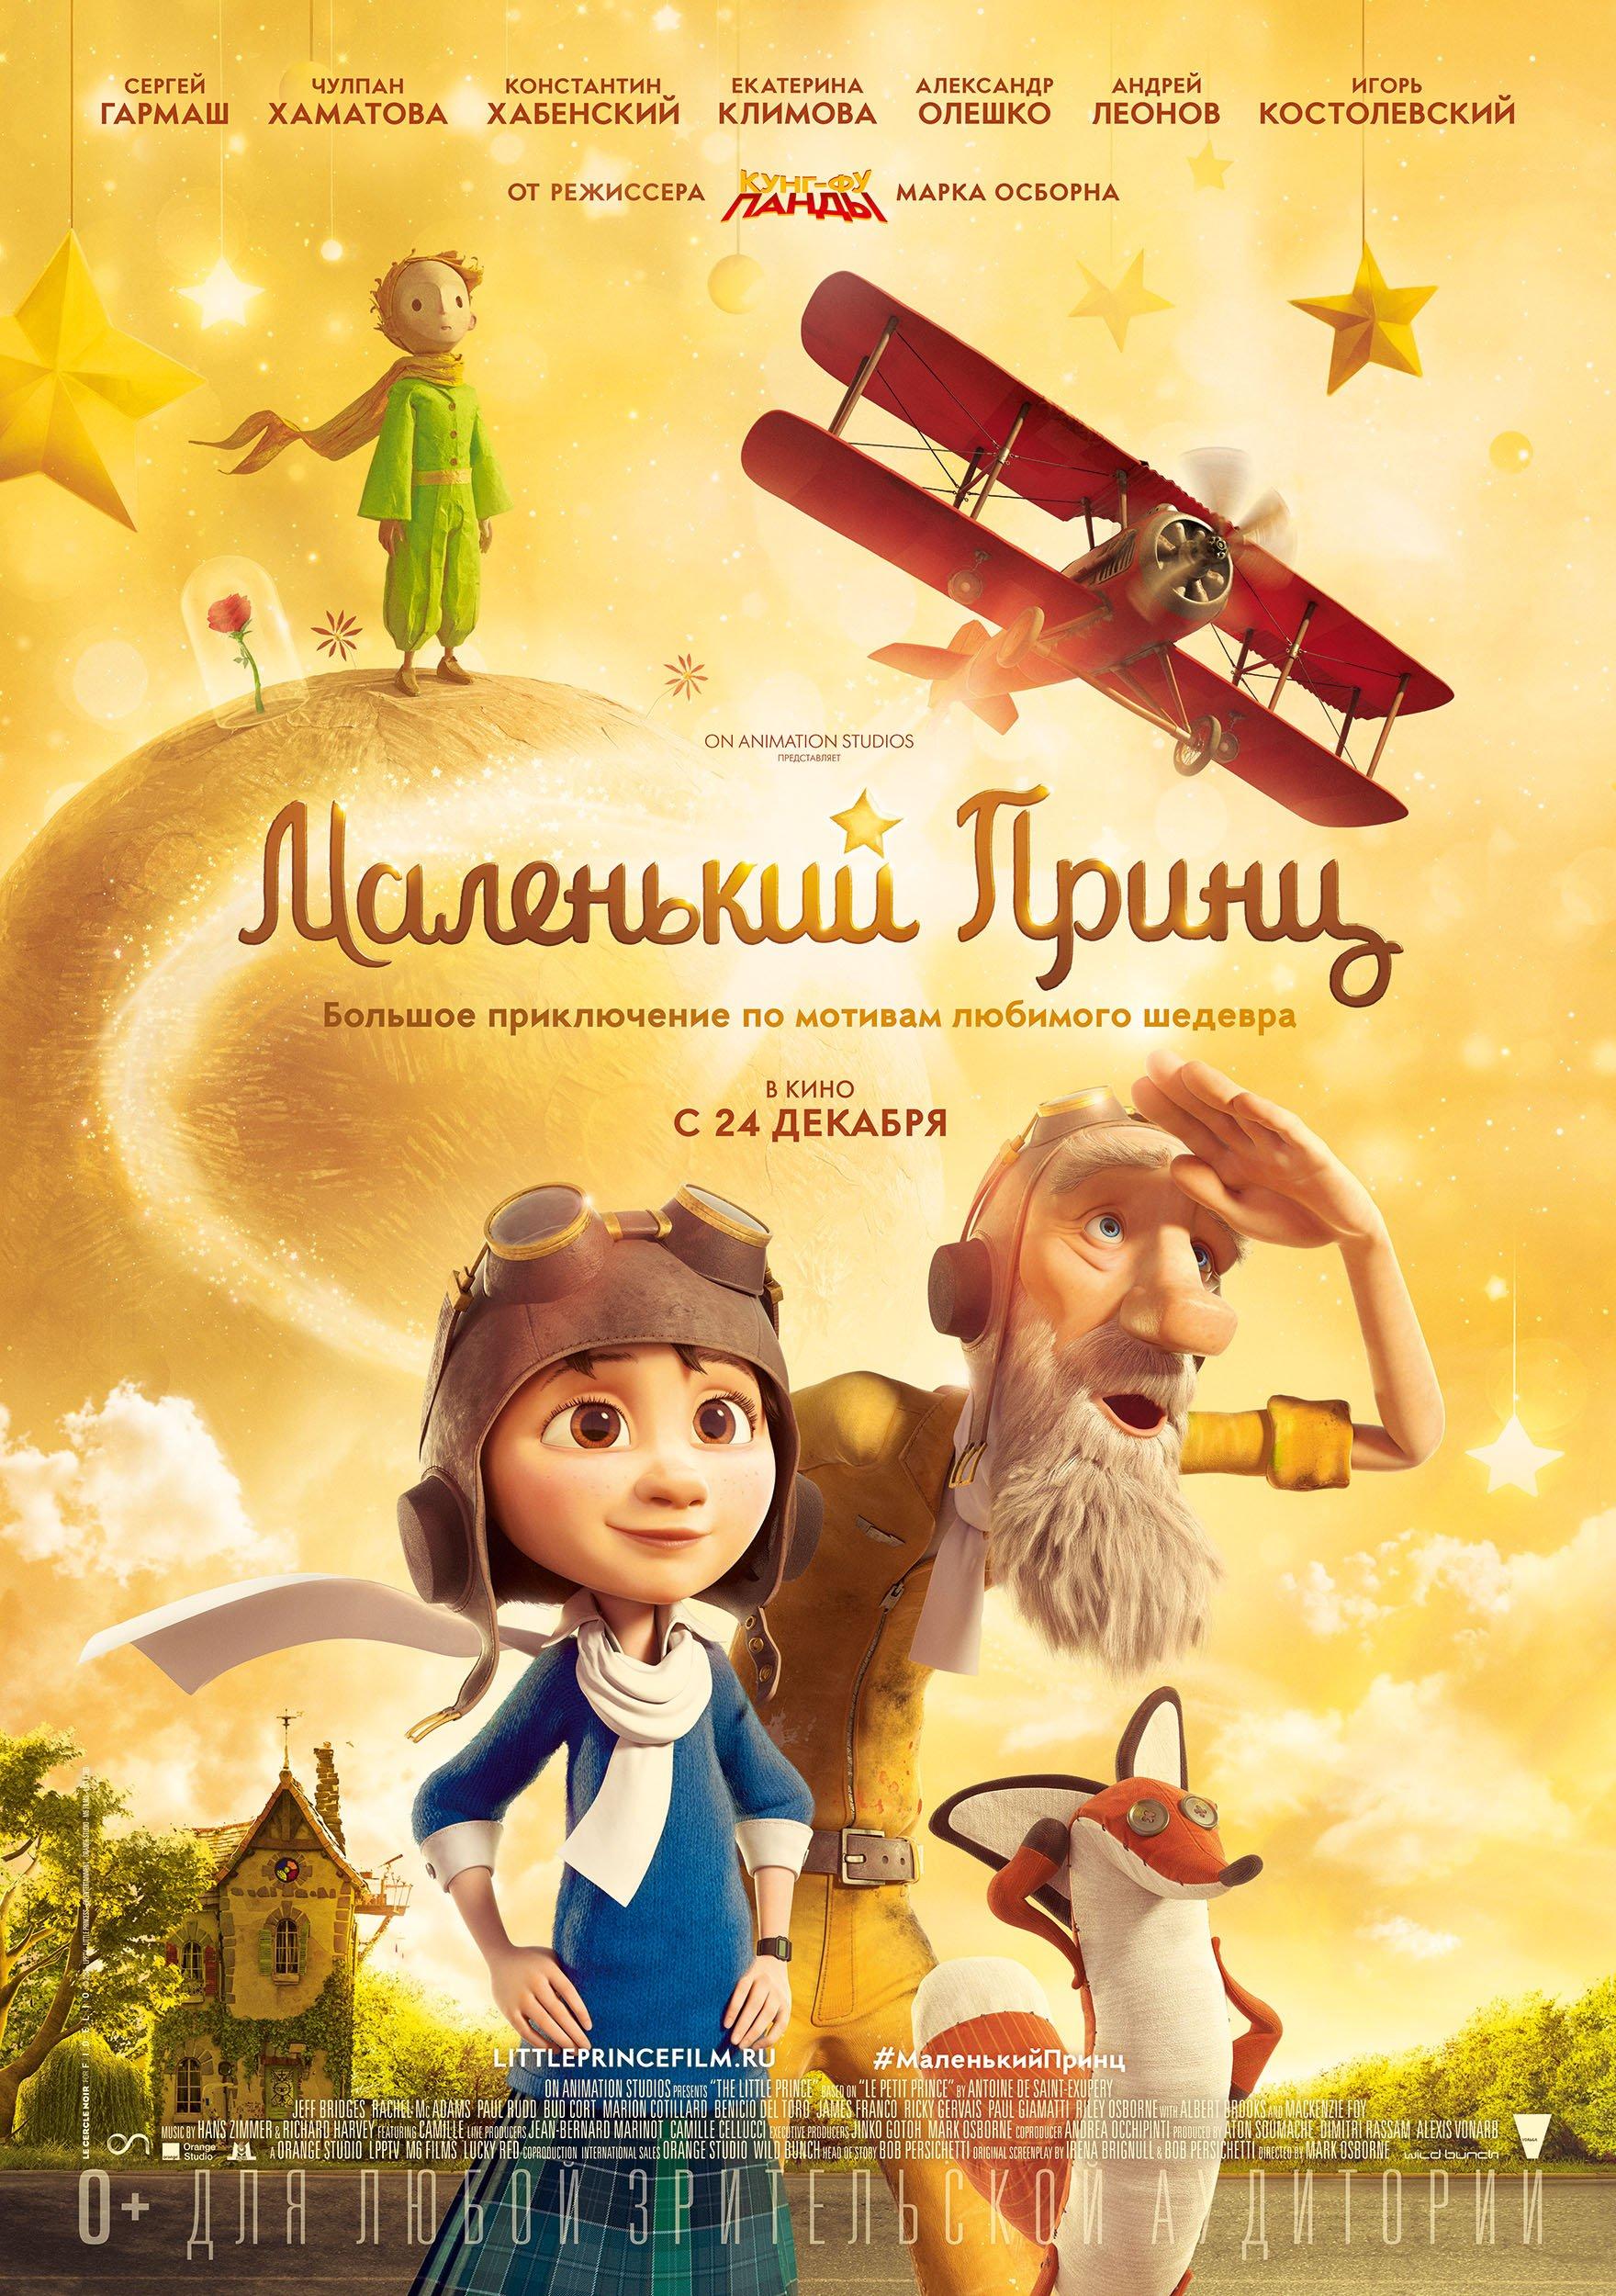 Фантастическая зима (о кино). - Изображение 2